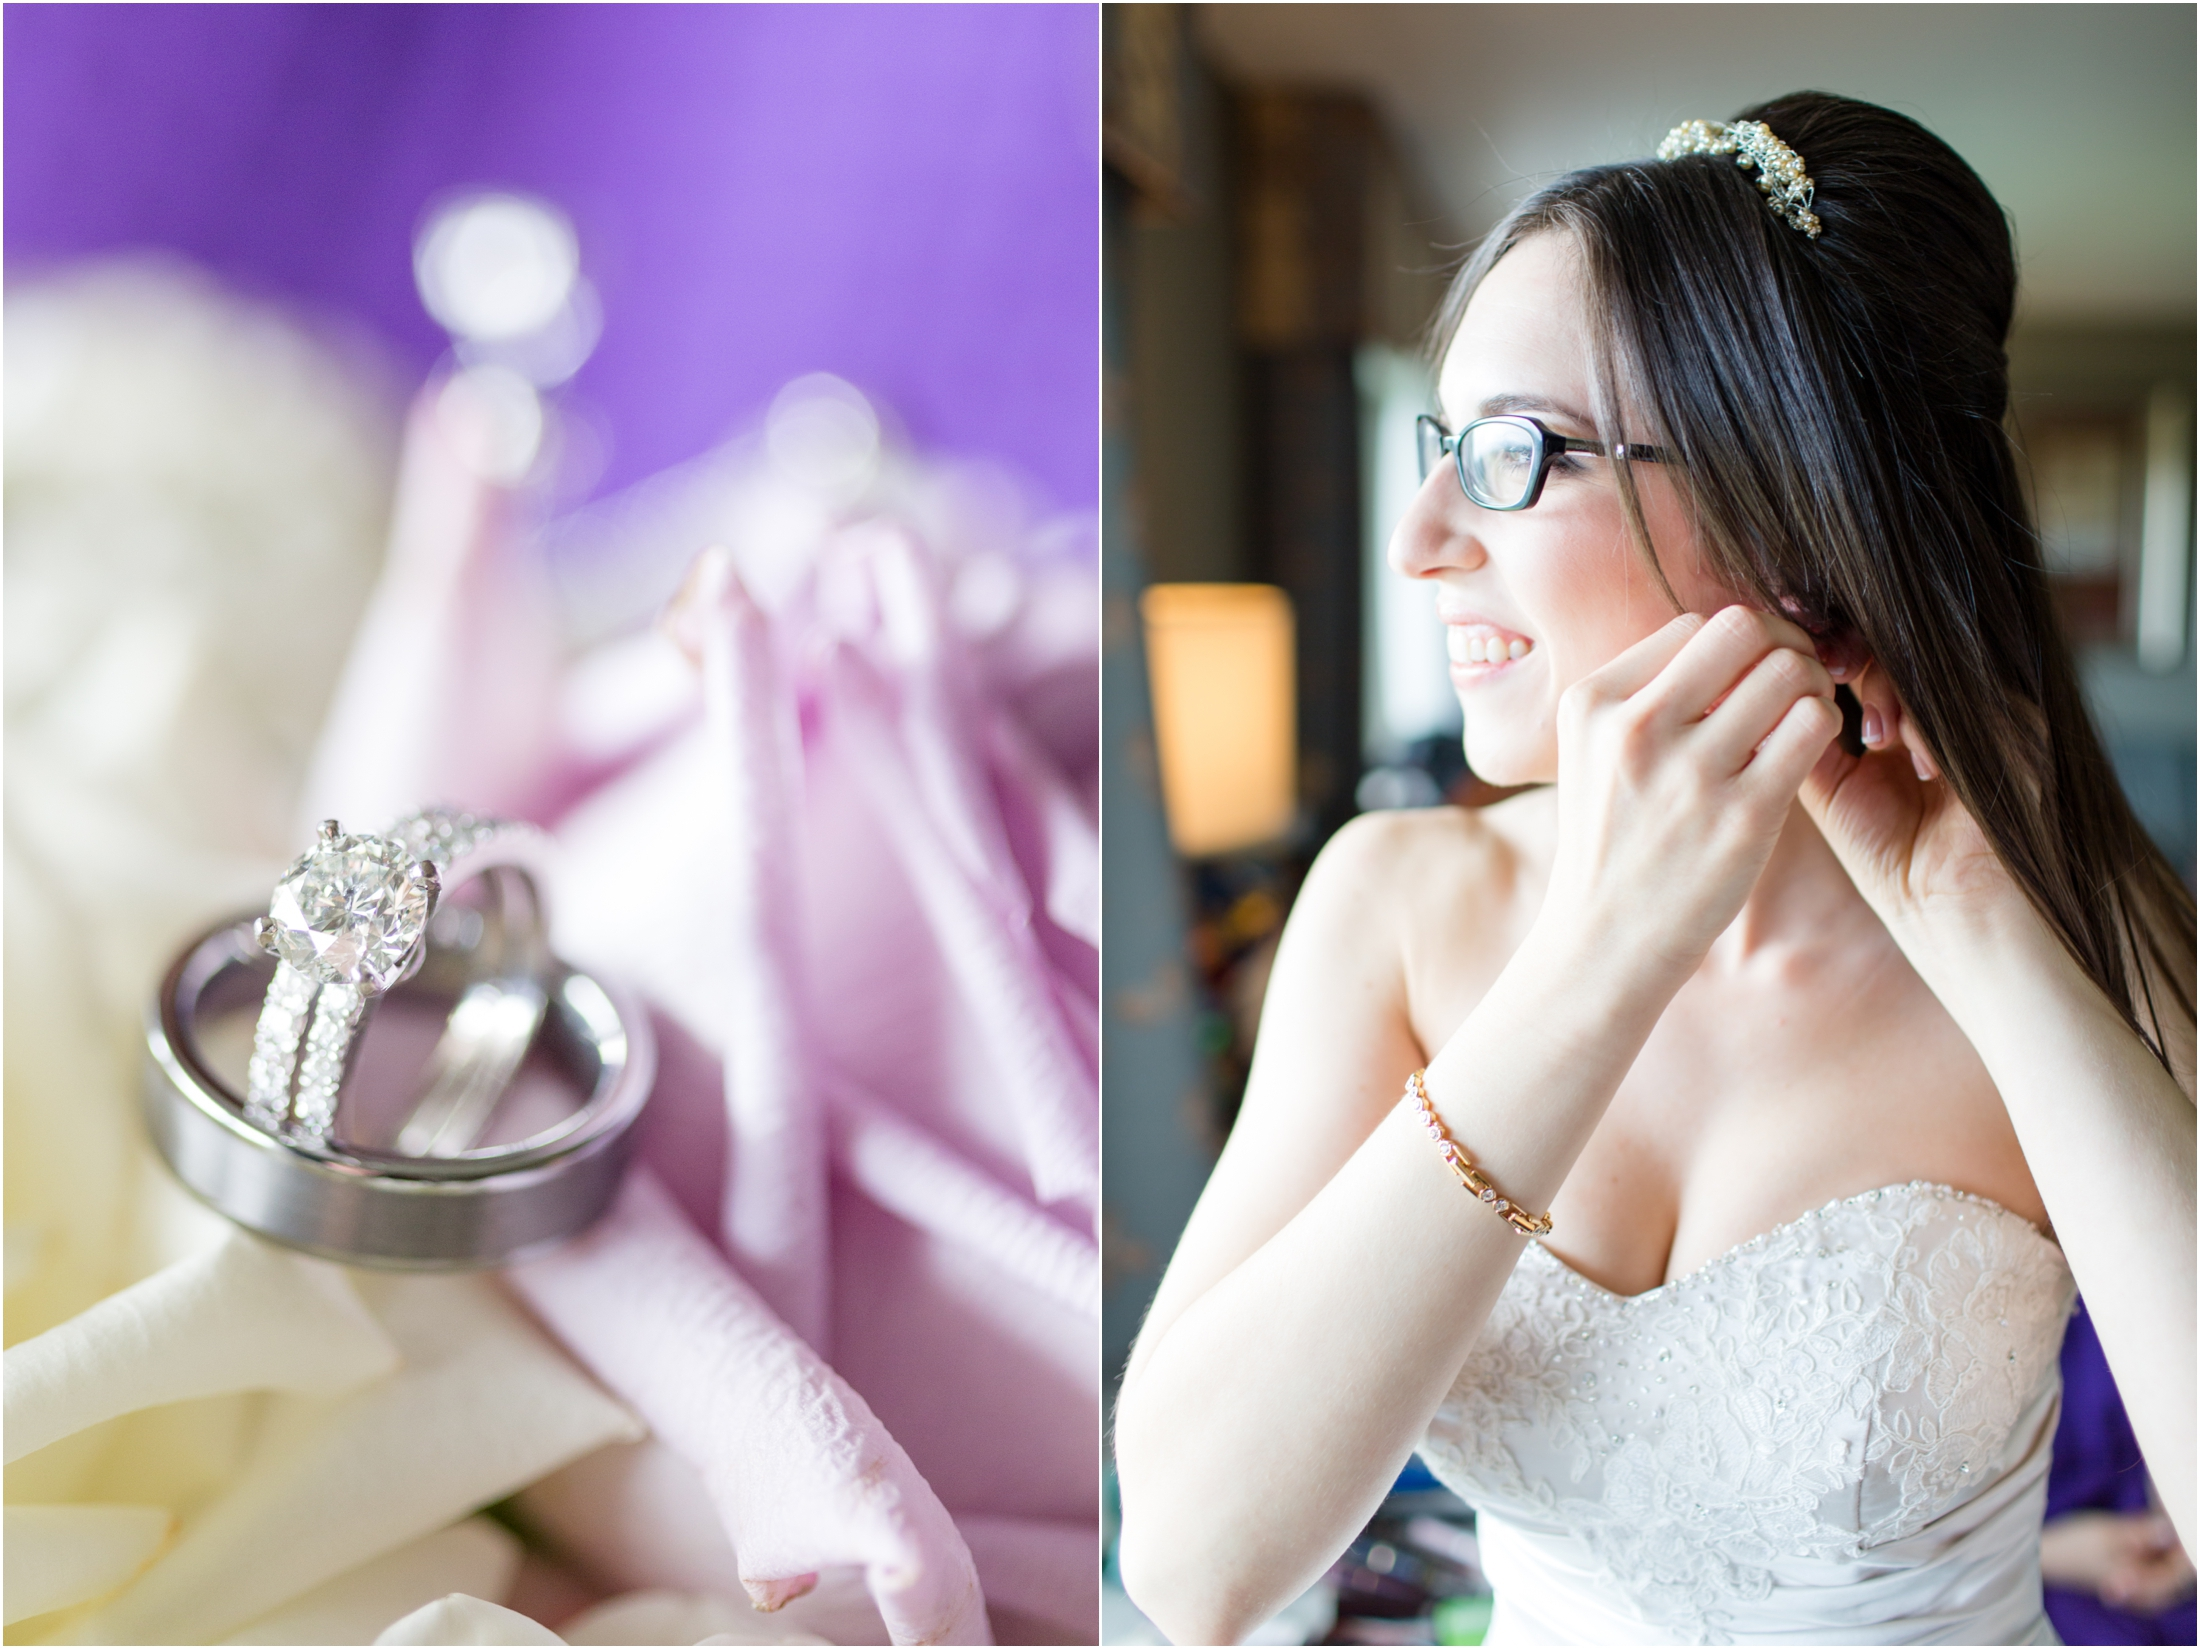 Elhai-Wedding-1-Getting-Ready-159.jpg